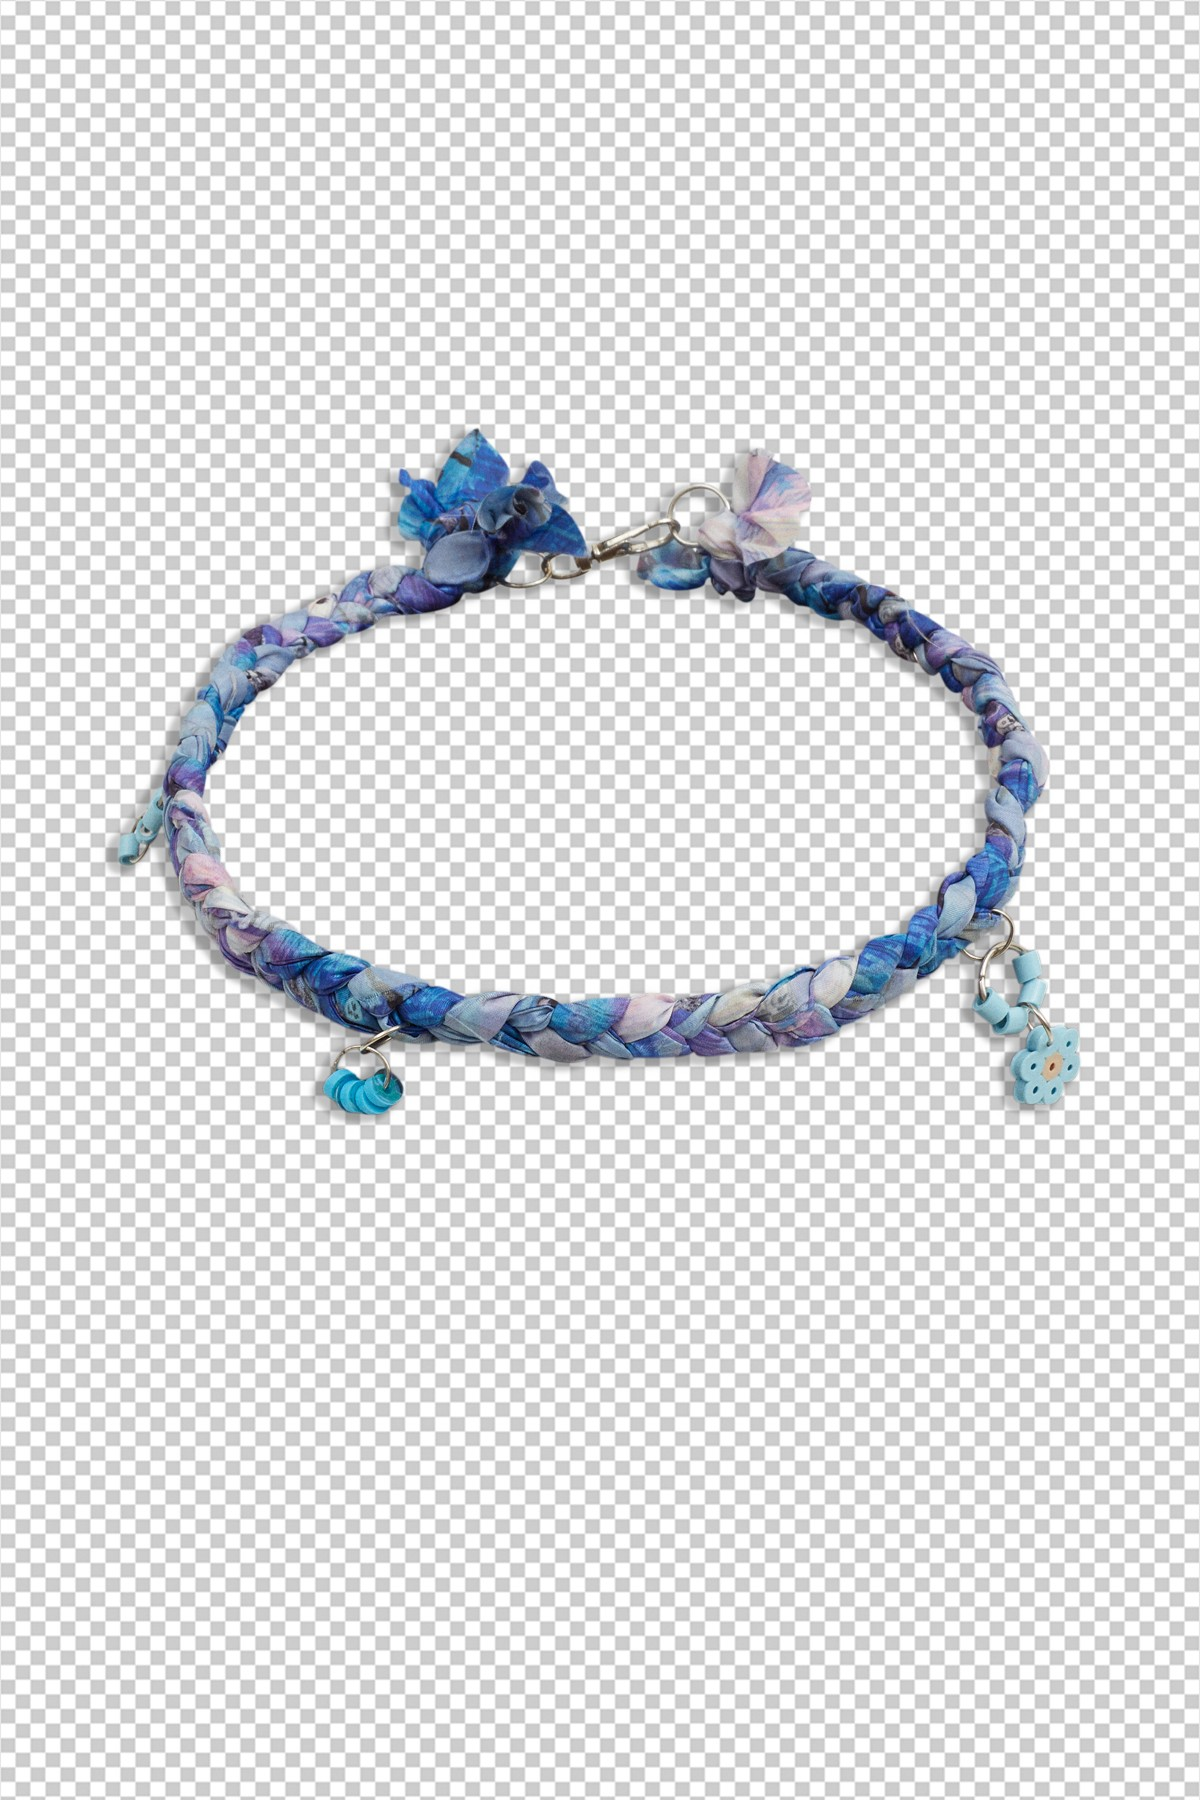 Open.Wear.Eat Necklace / Blue